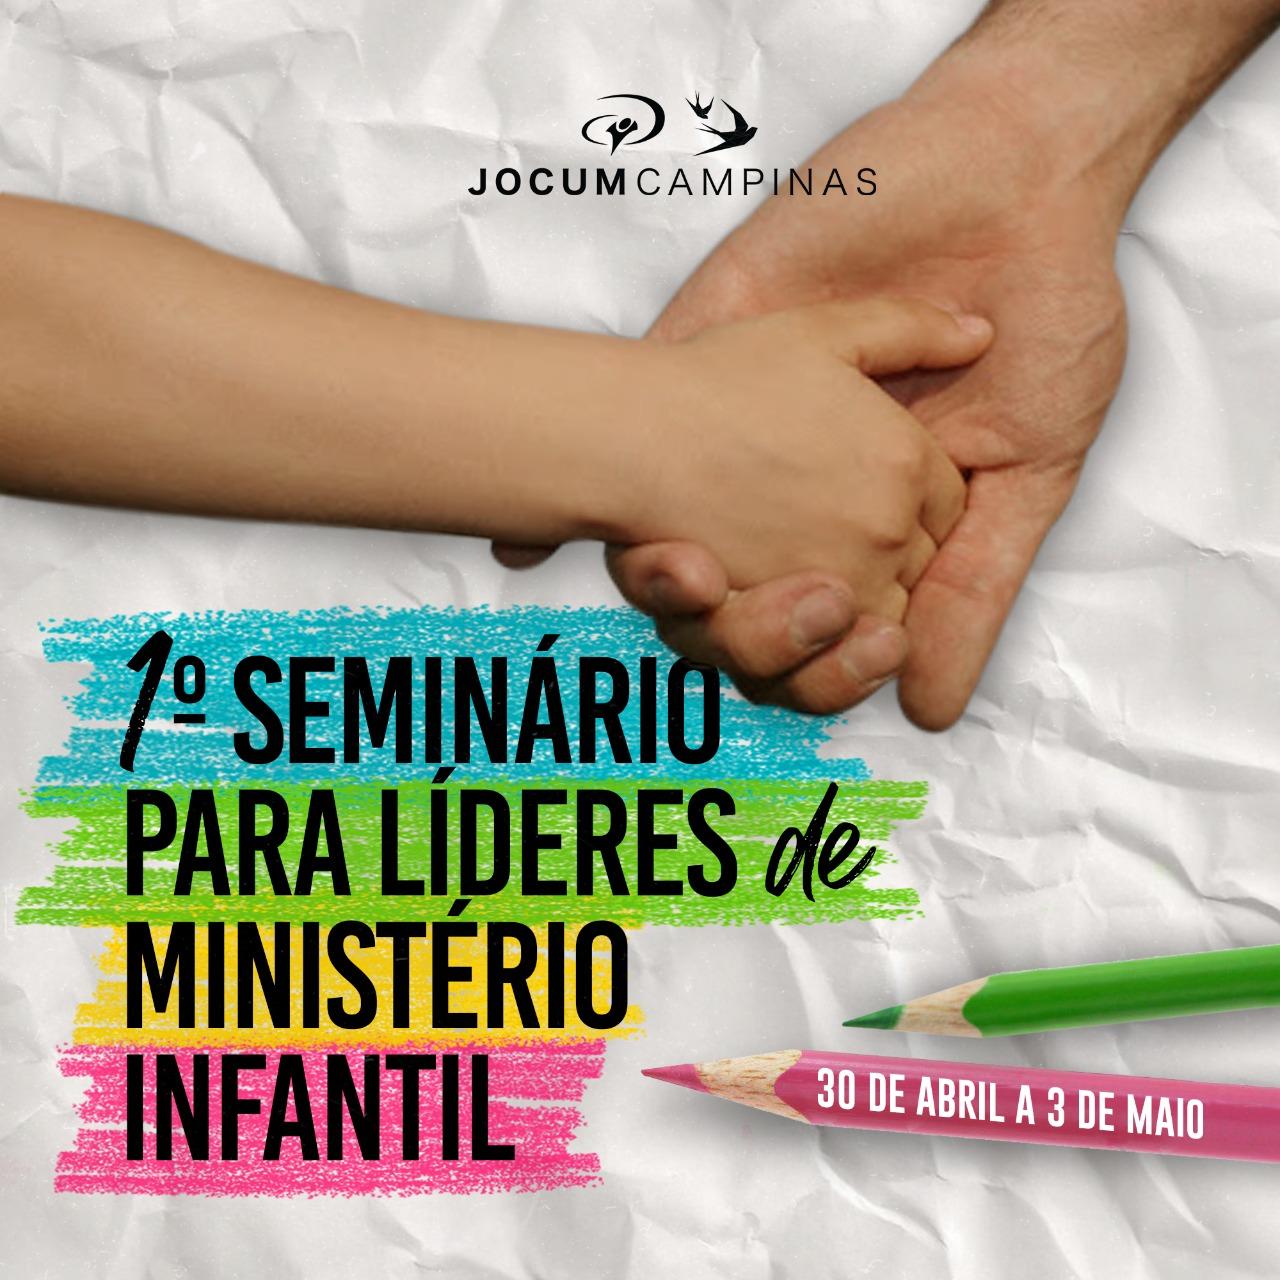 Seminário para líderes de ministério infantil